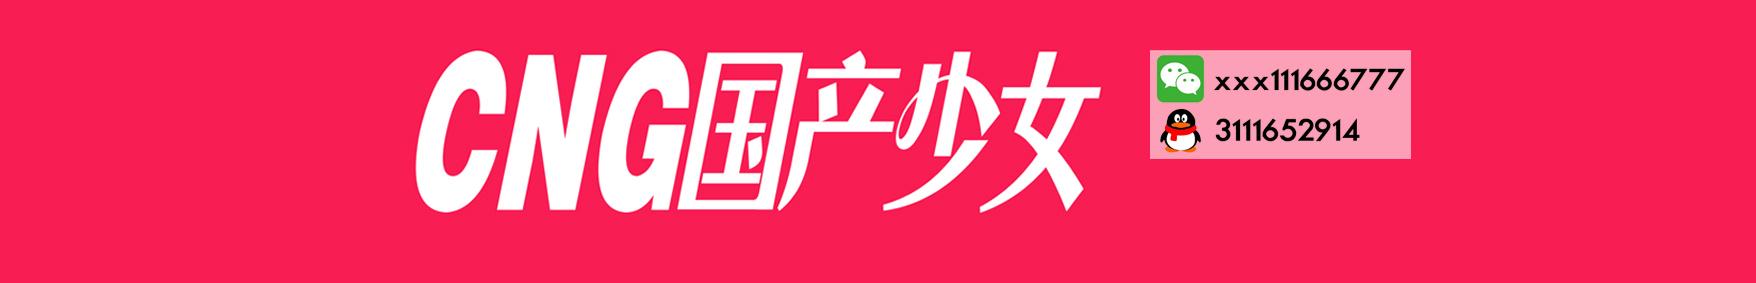 国产少女 banner